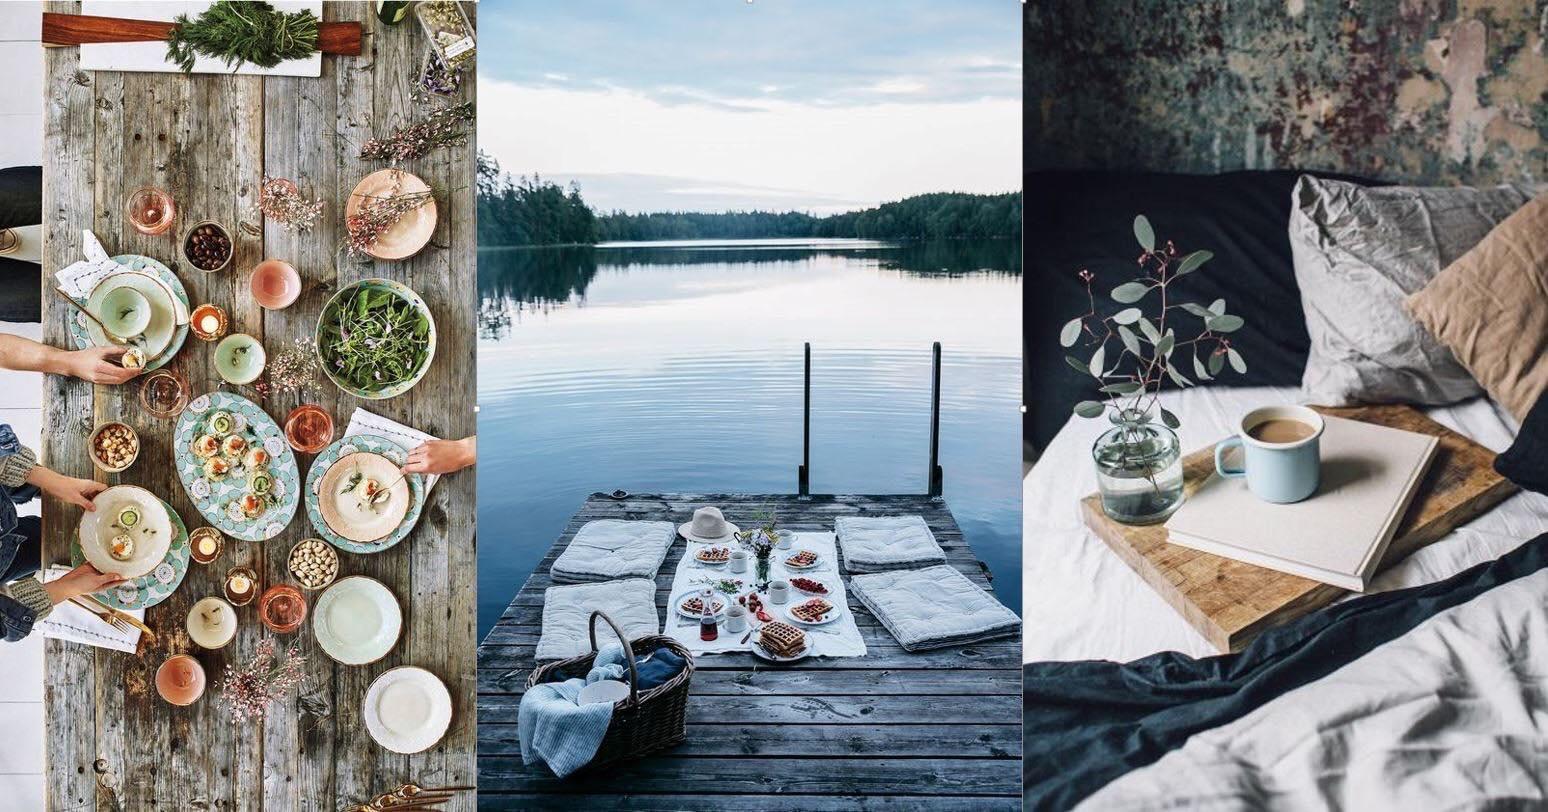 kolaz przedstawiajacy 3 zdjecia,pierwsze to stol zastawiony jedzeniem, drugie, pomost na ktorym jest urzadzony piknik, a trzecie kubek z kawa, lozko i koc